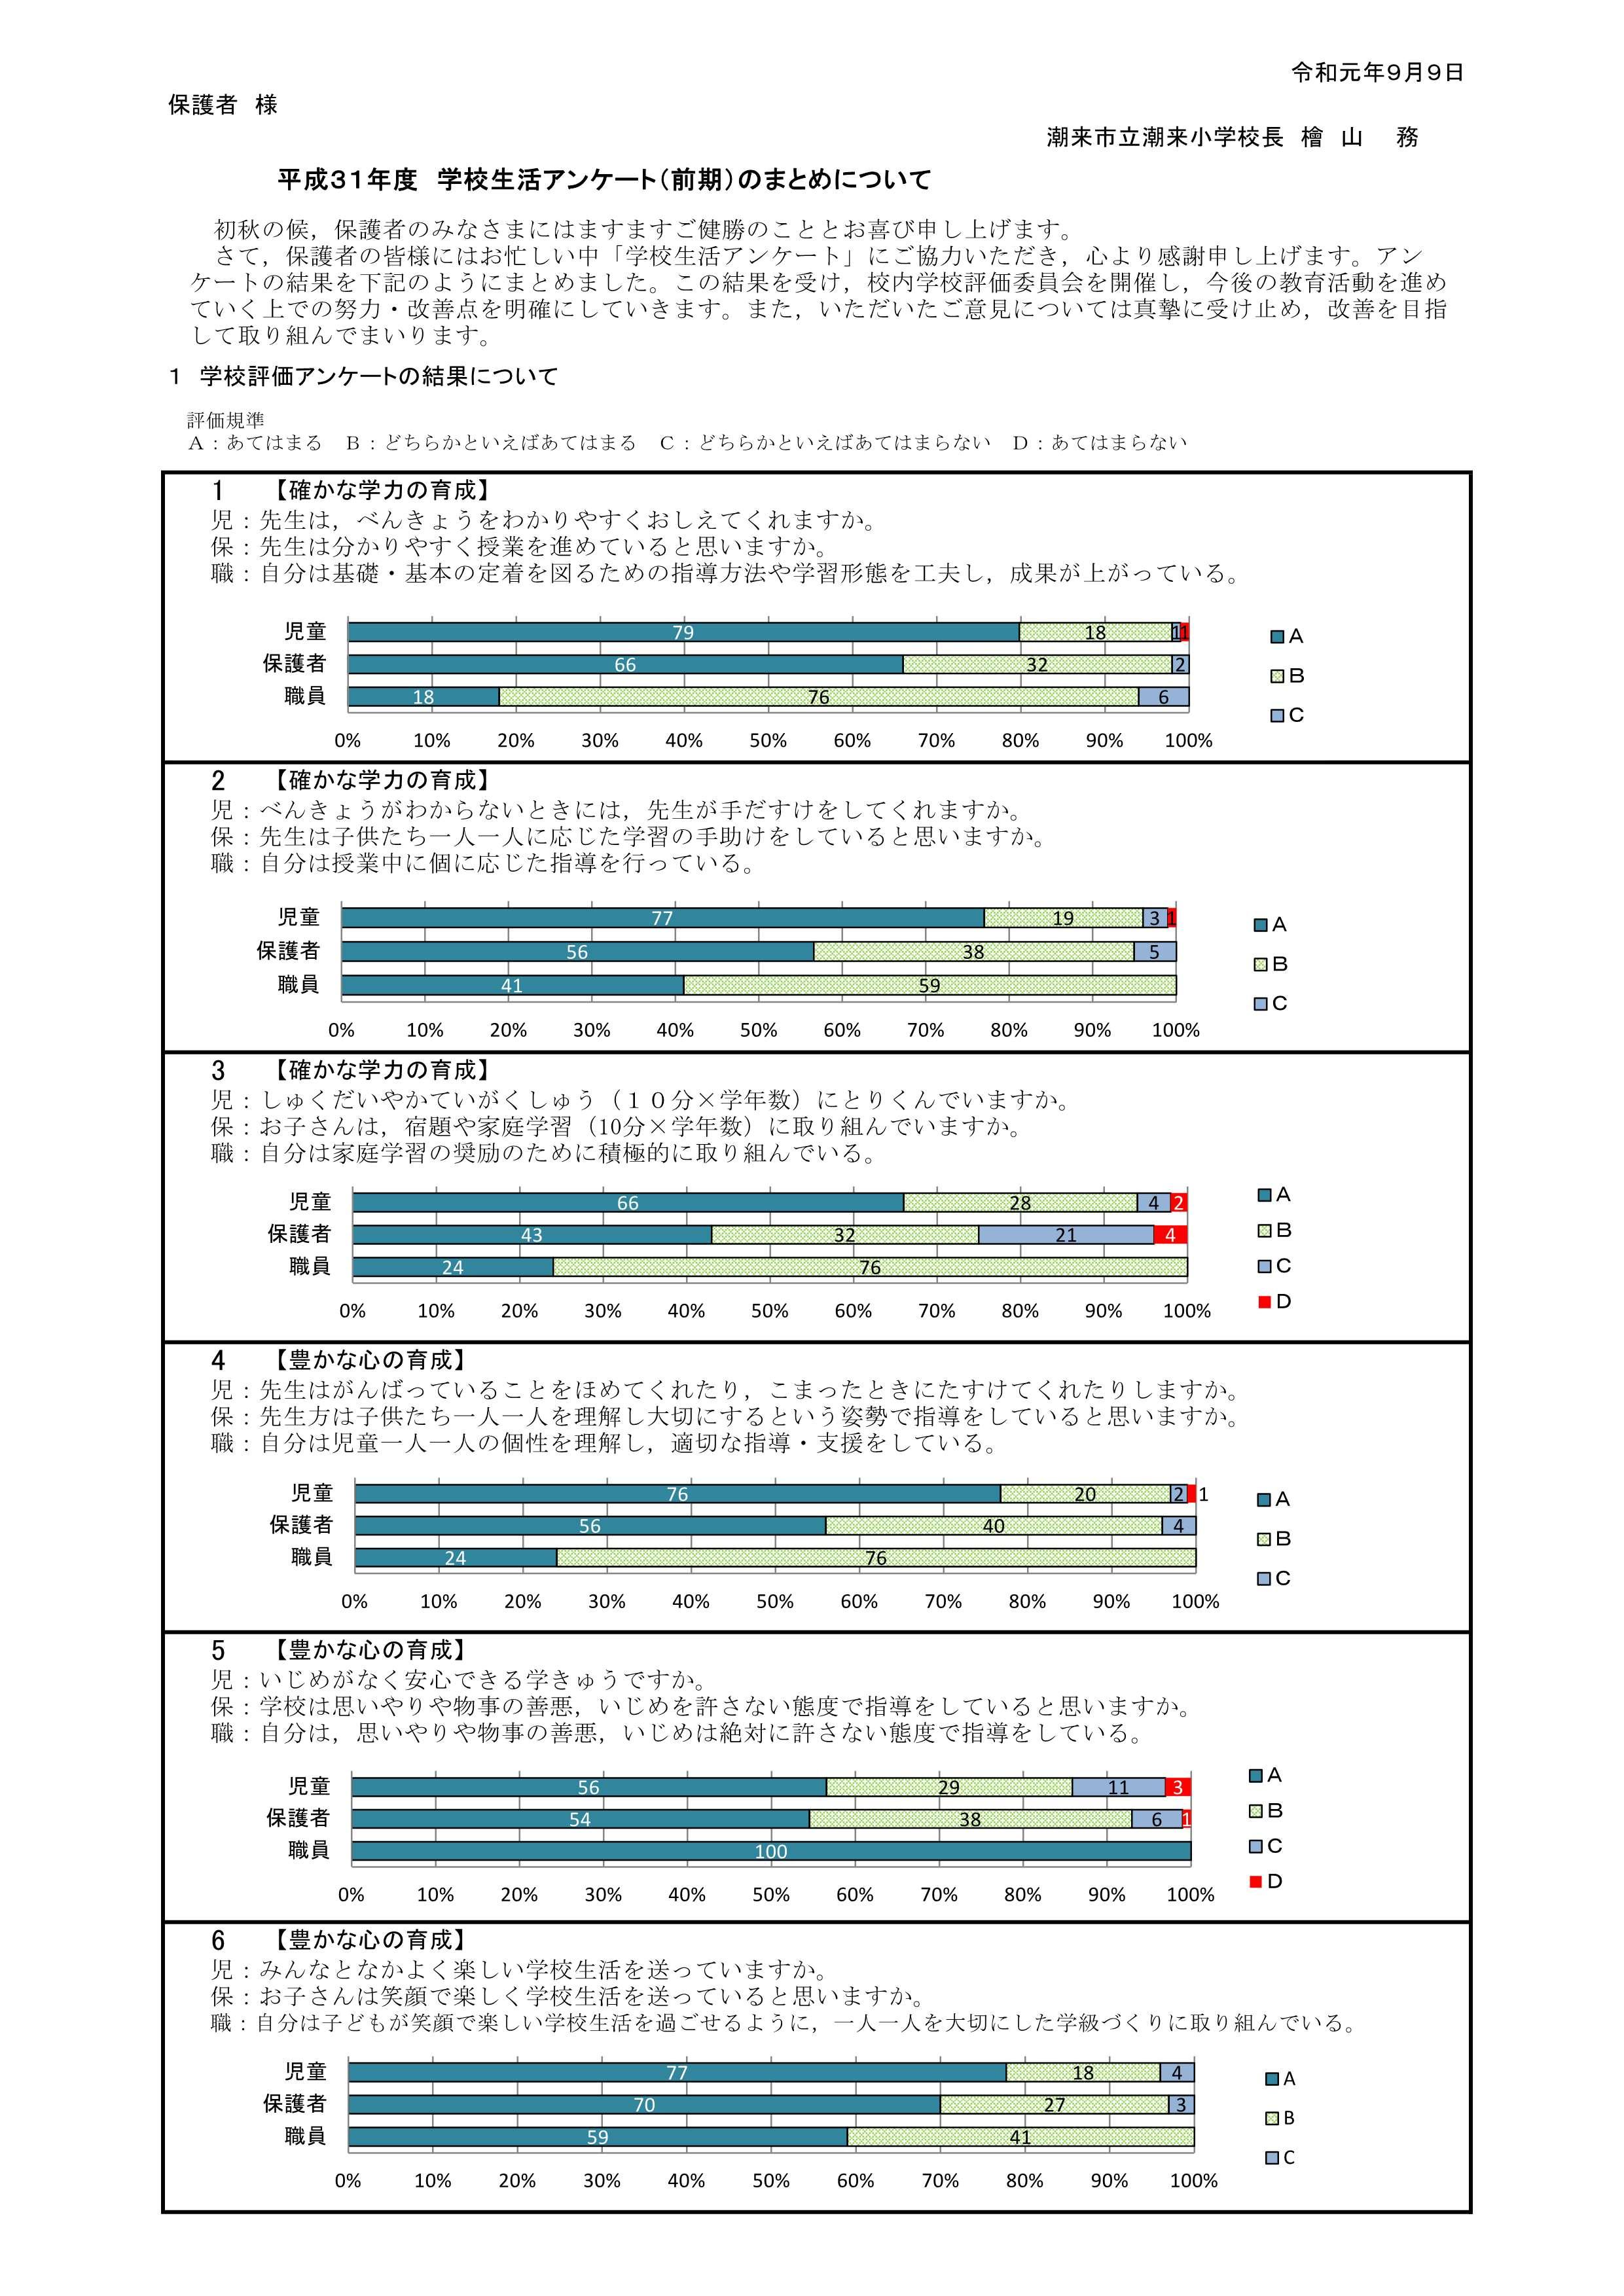 H31潮来小学校評価 全集計・グラフ_前期_1